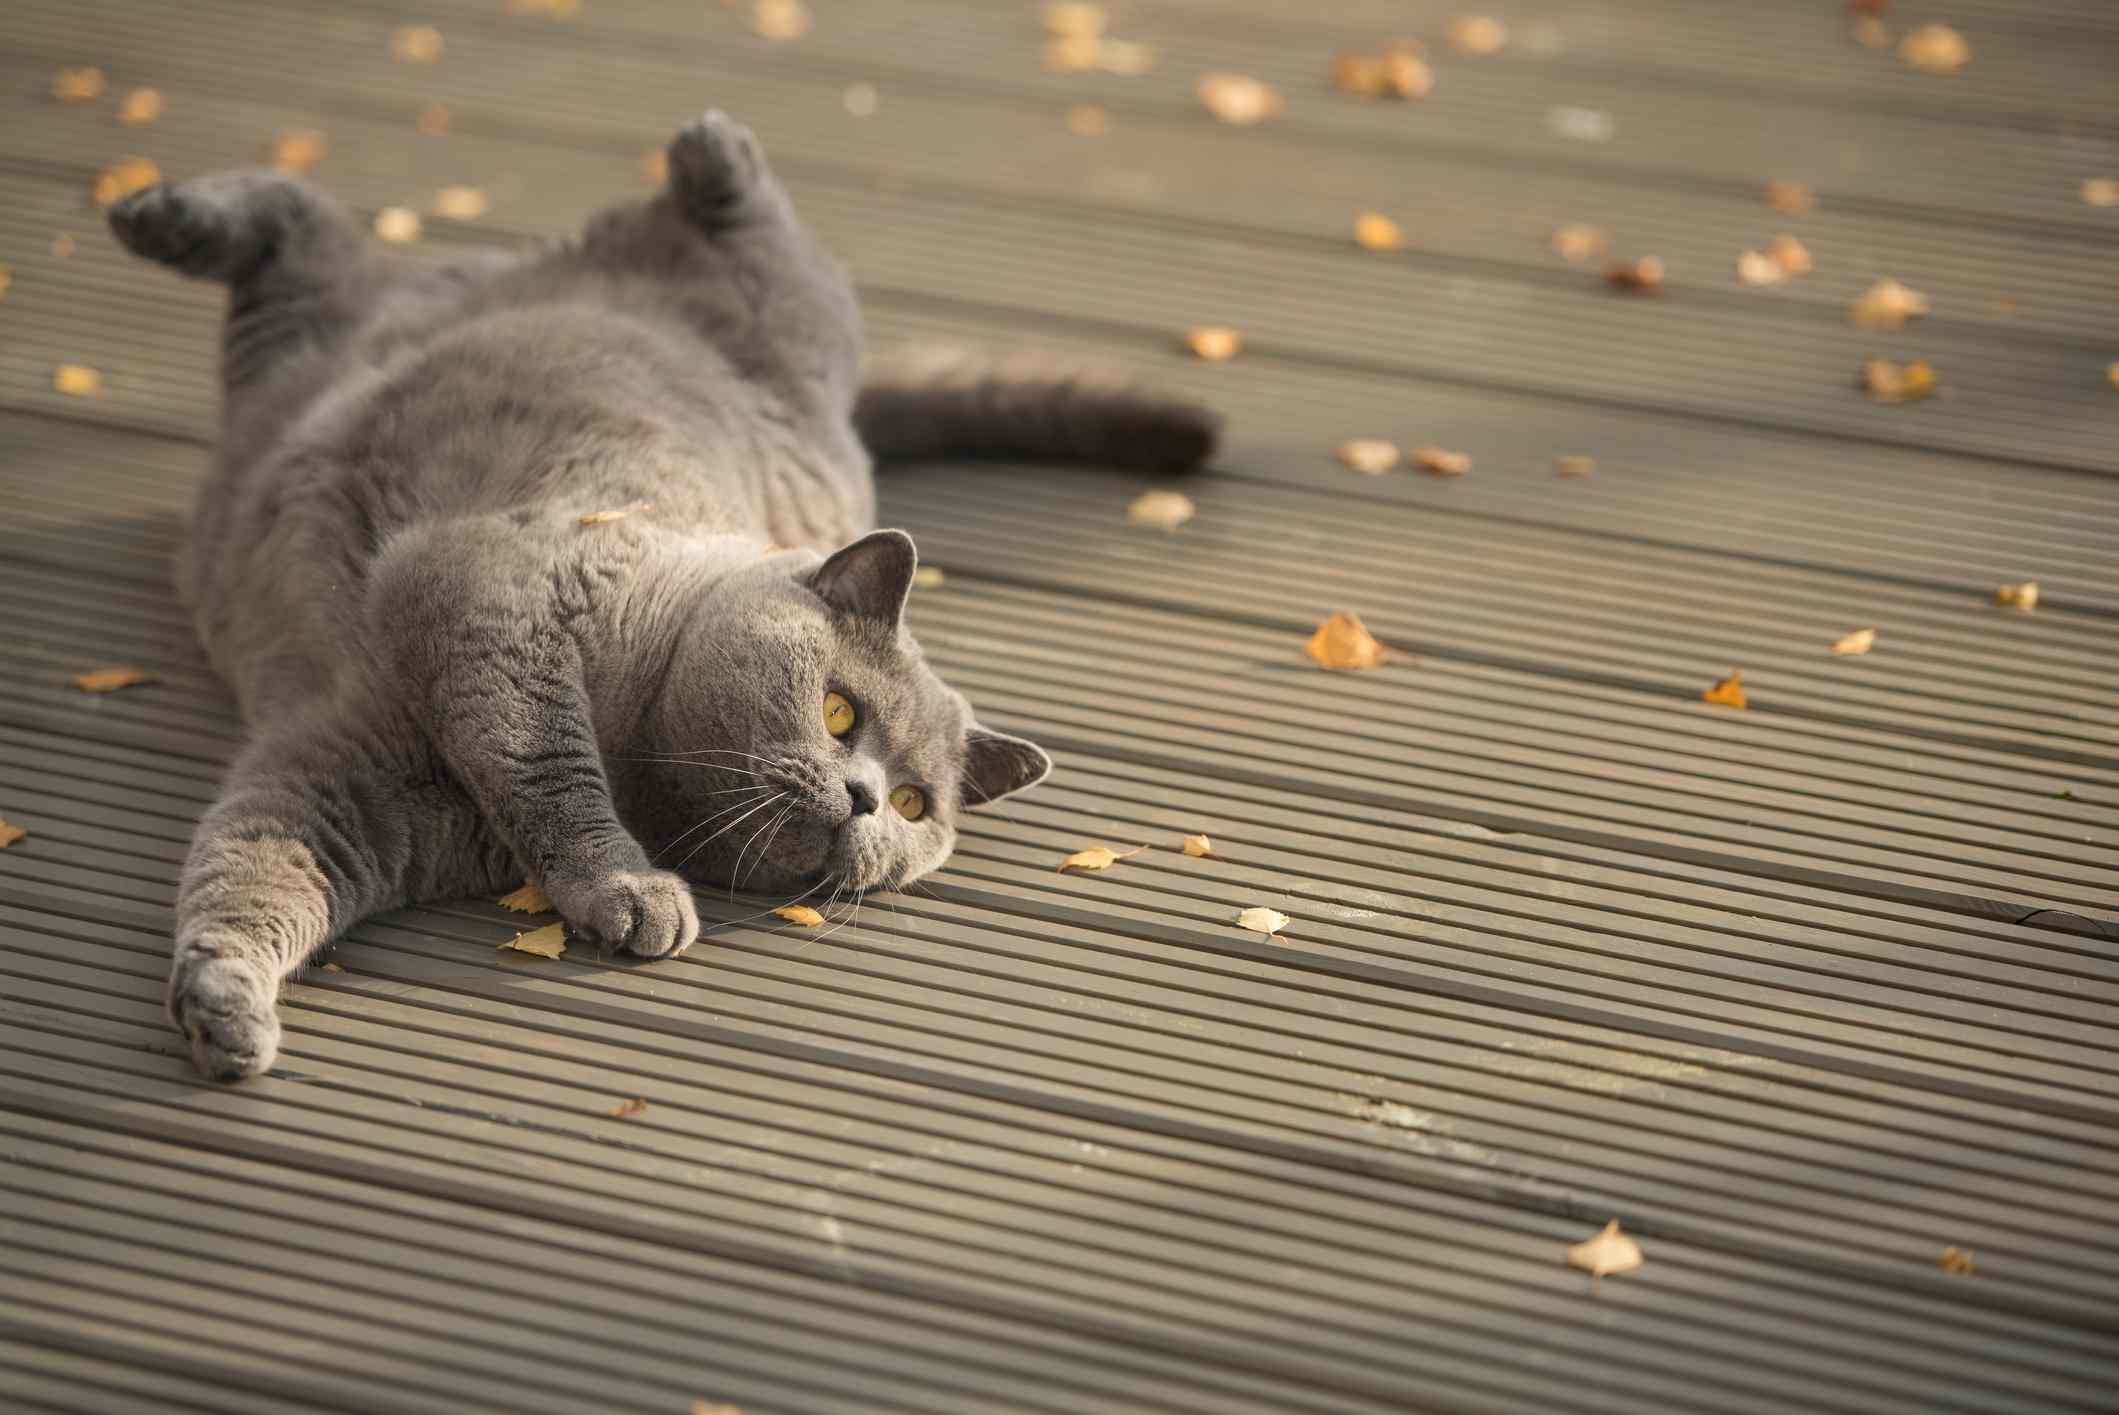 gato juguetón rodando en la terraza del jardín